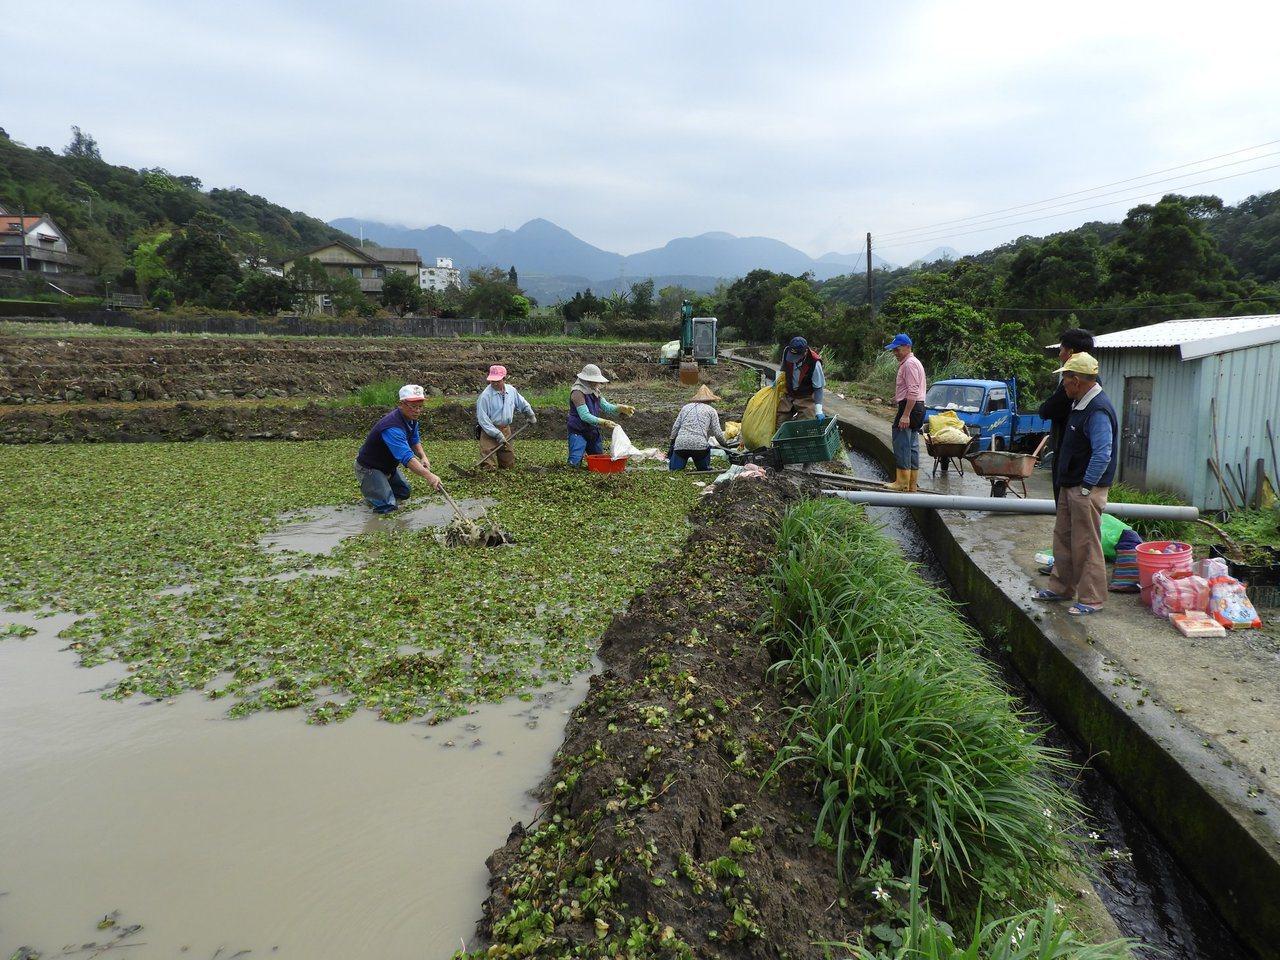 社區農友共同維護農田生態。圖/新北市農業局提供